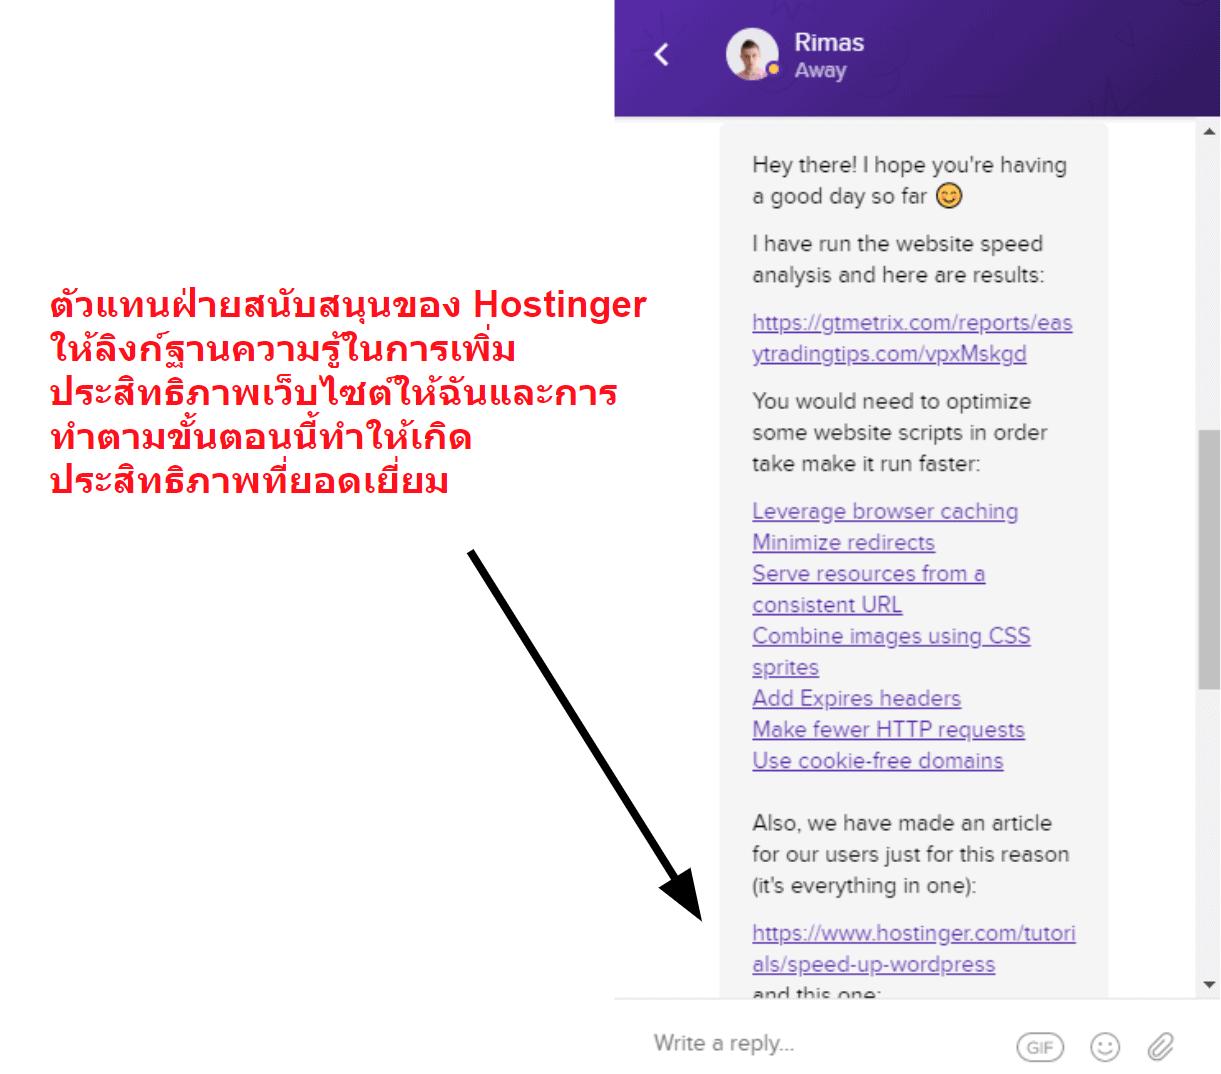 Hostinger live chat optimization support_TH